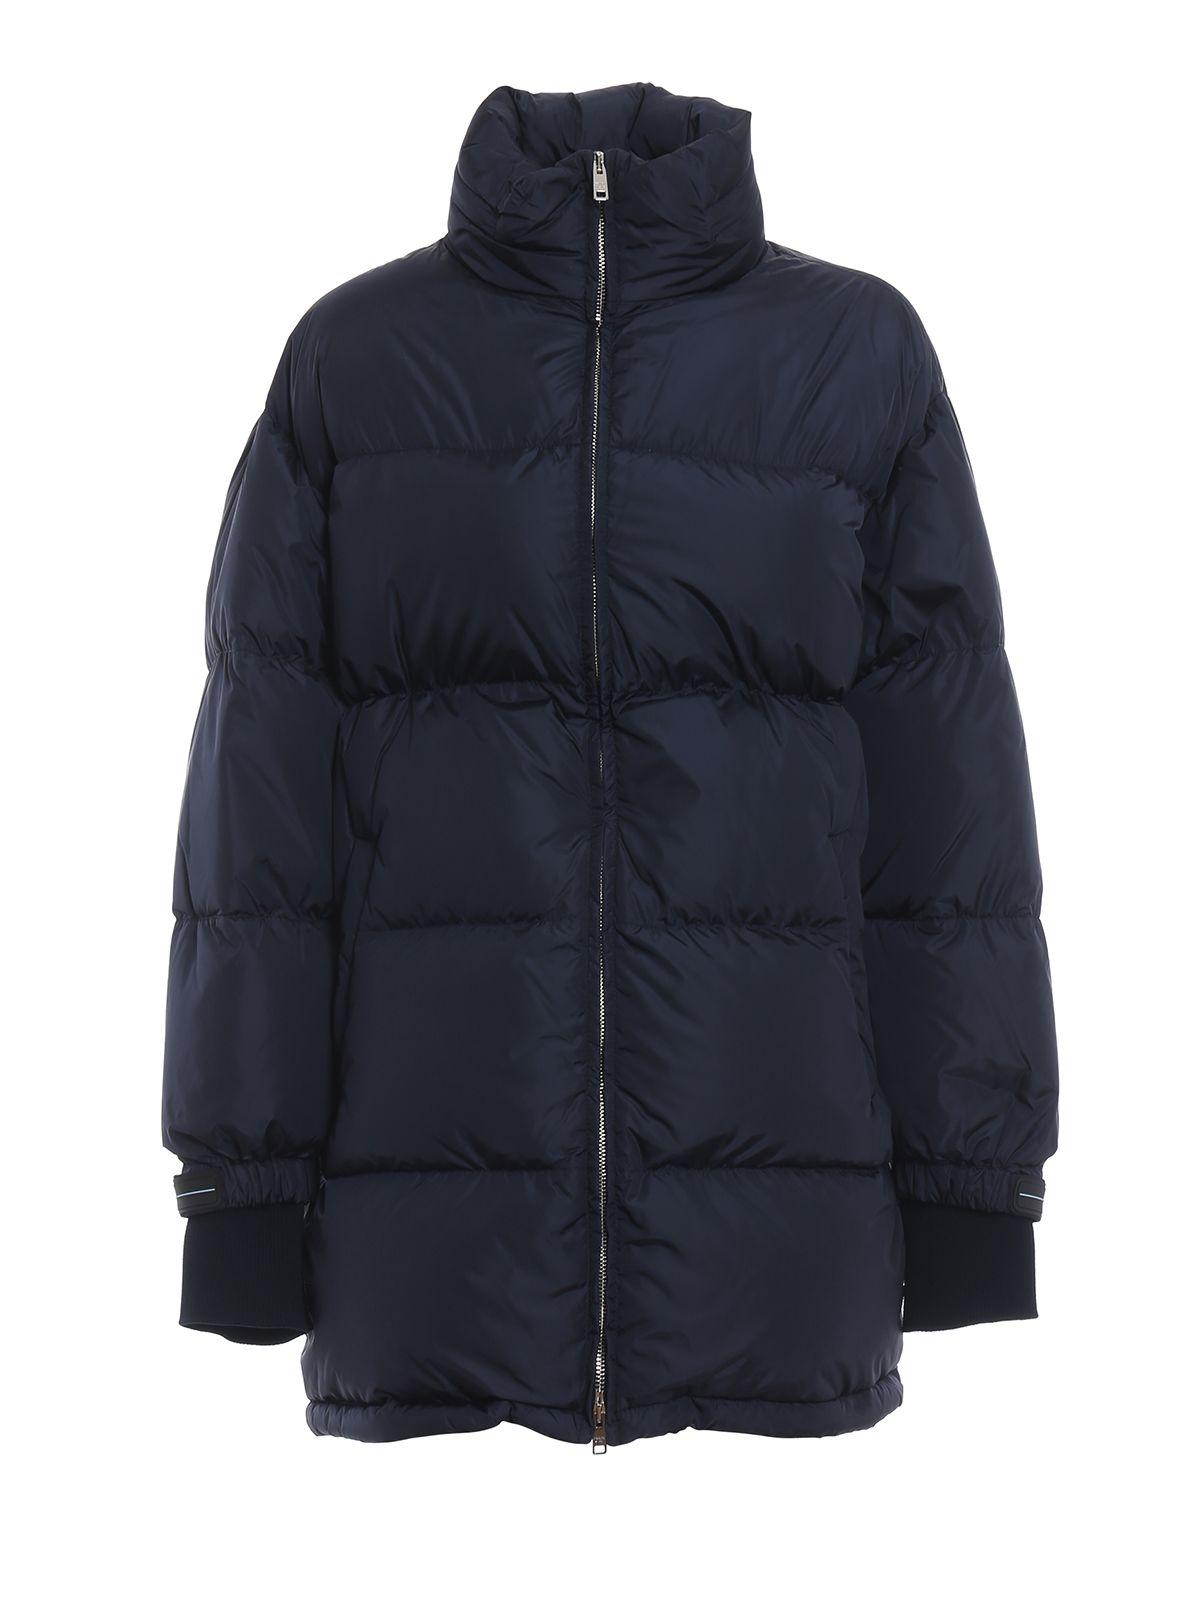 Prada Oversized Zipped Padded Jacket